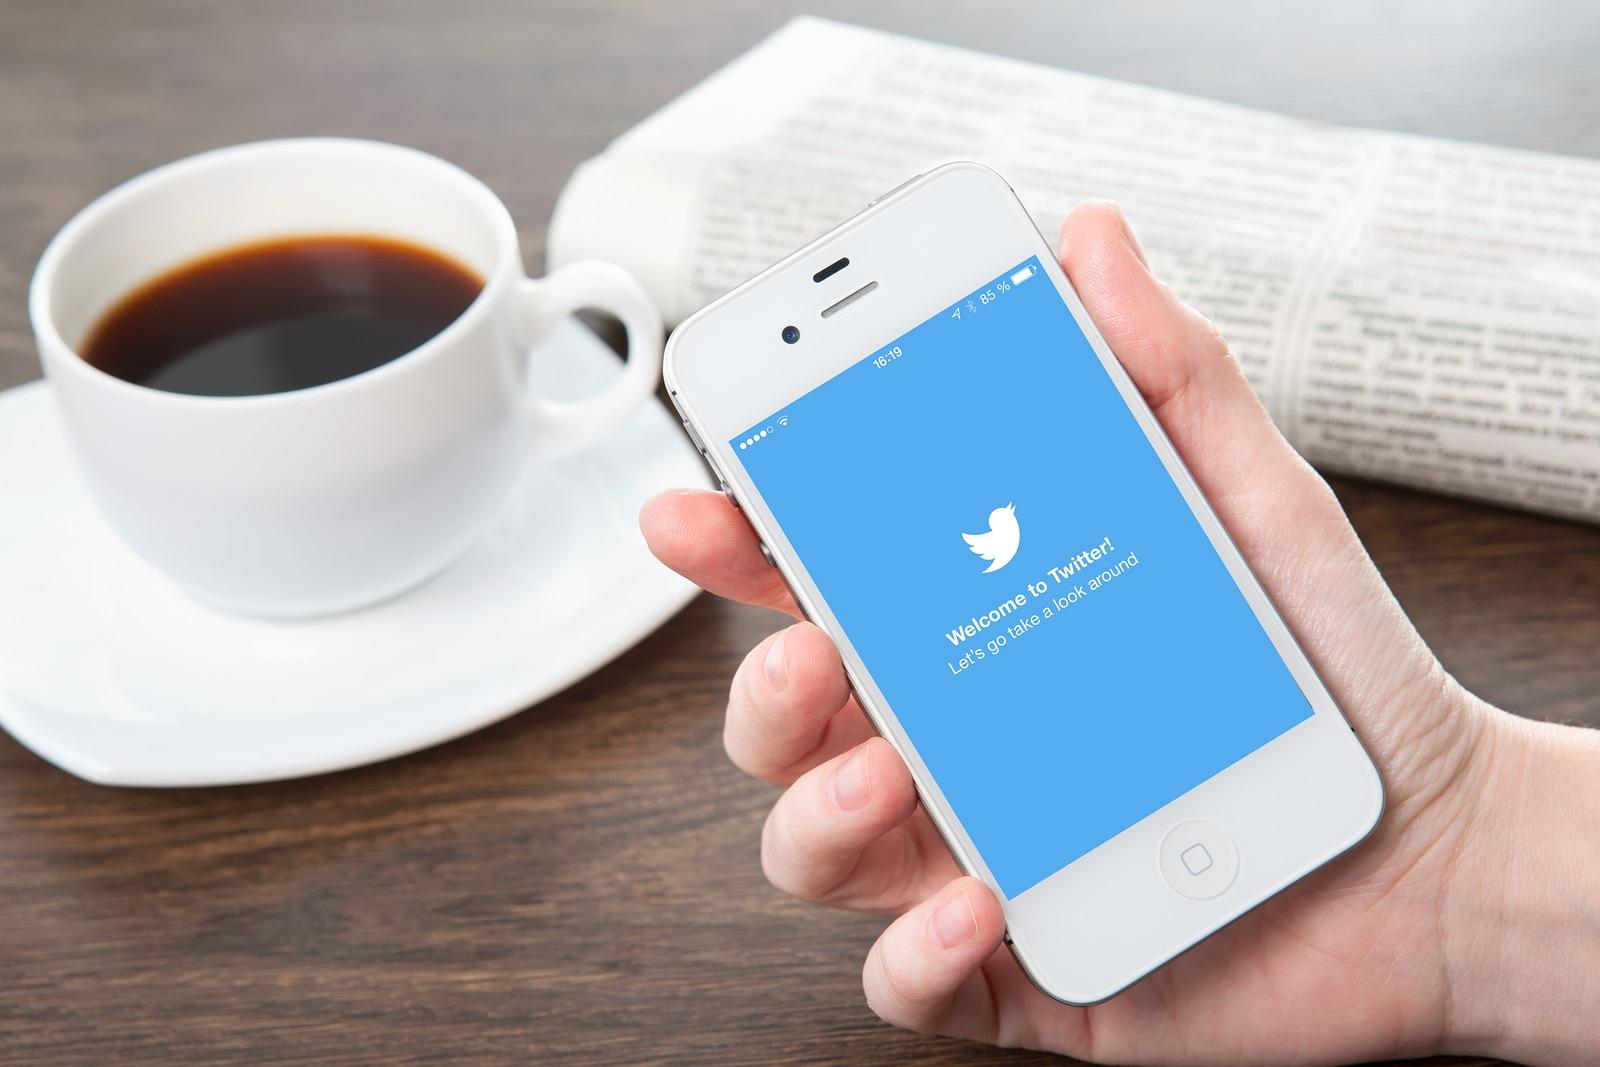 صوره كيف انشاء حساب تويتر سجل الدخول او انشئ حسابا